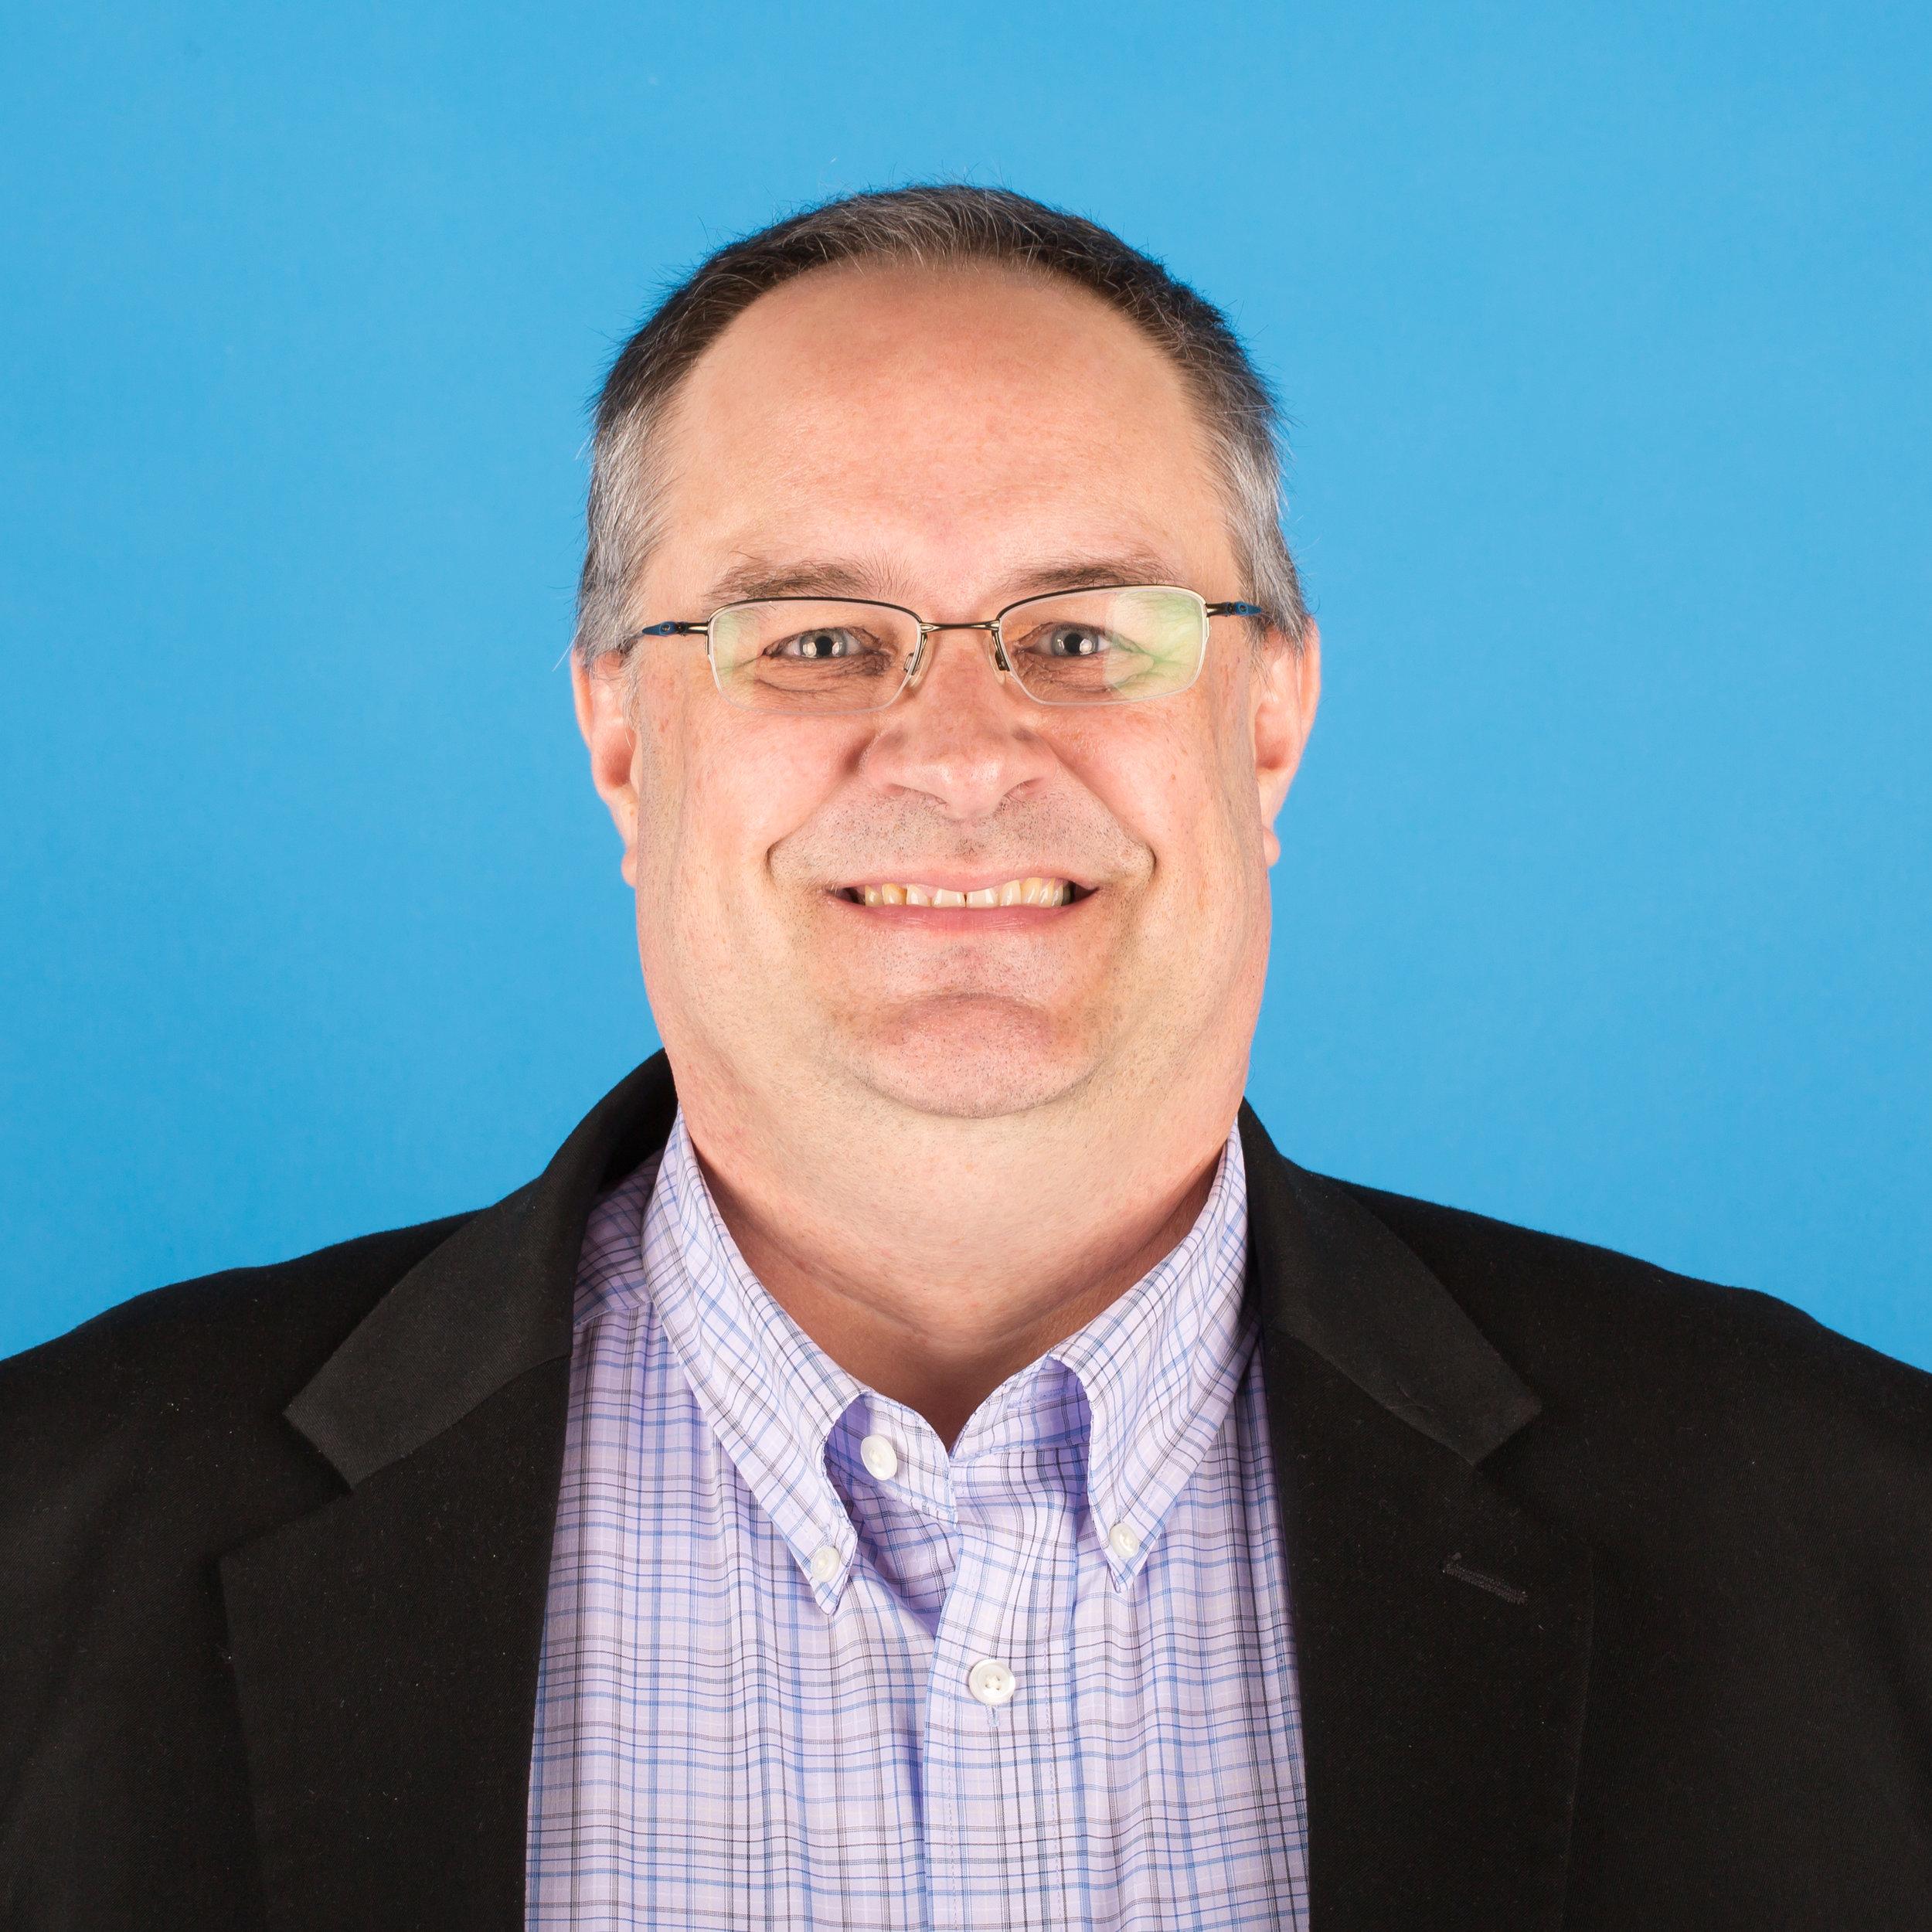 Bill Mahoney, VP Customer Services at SalesLoft